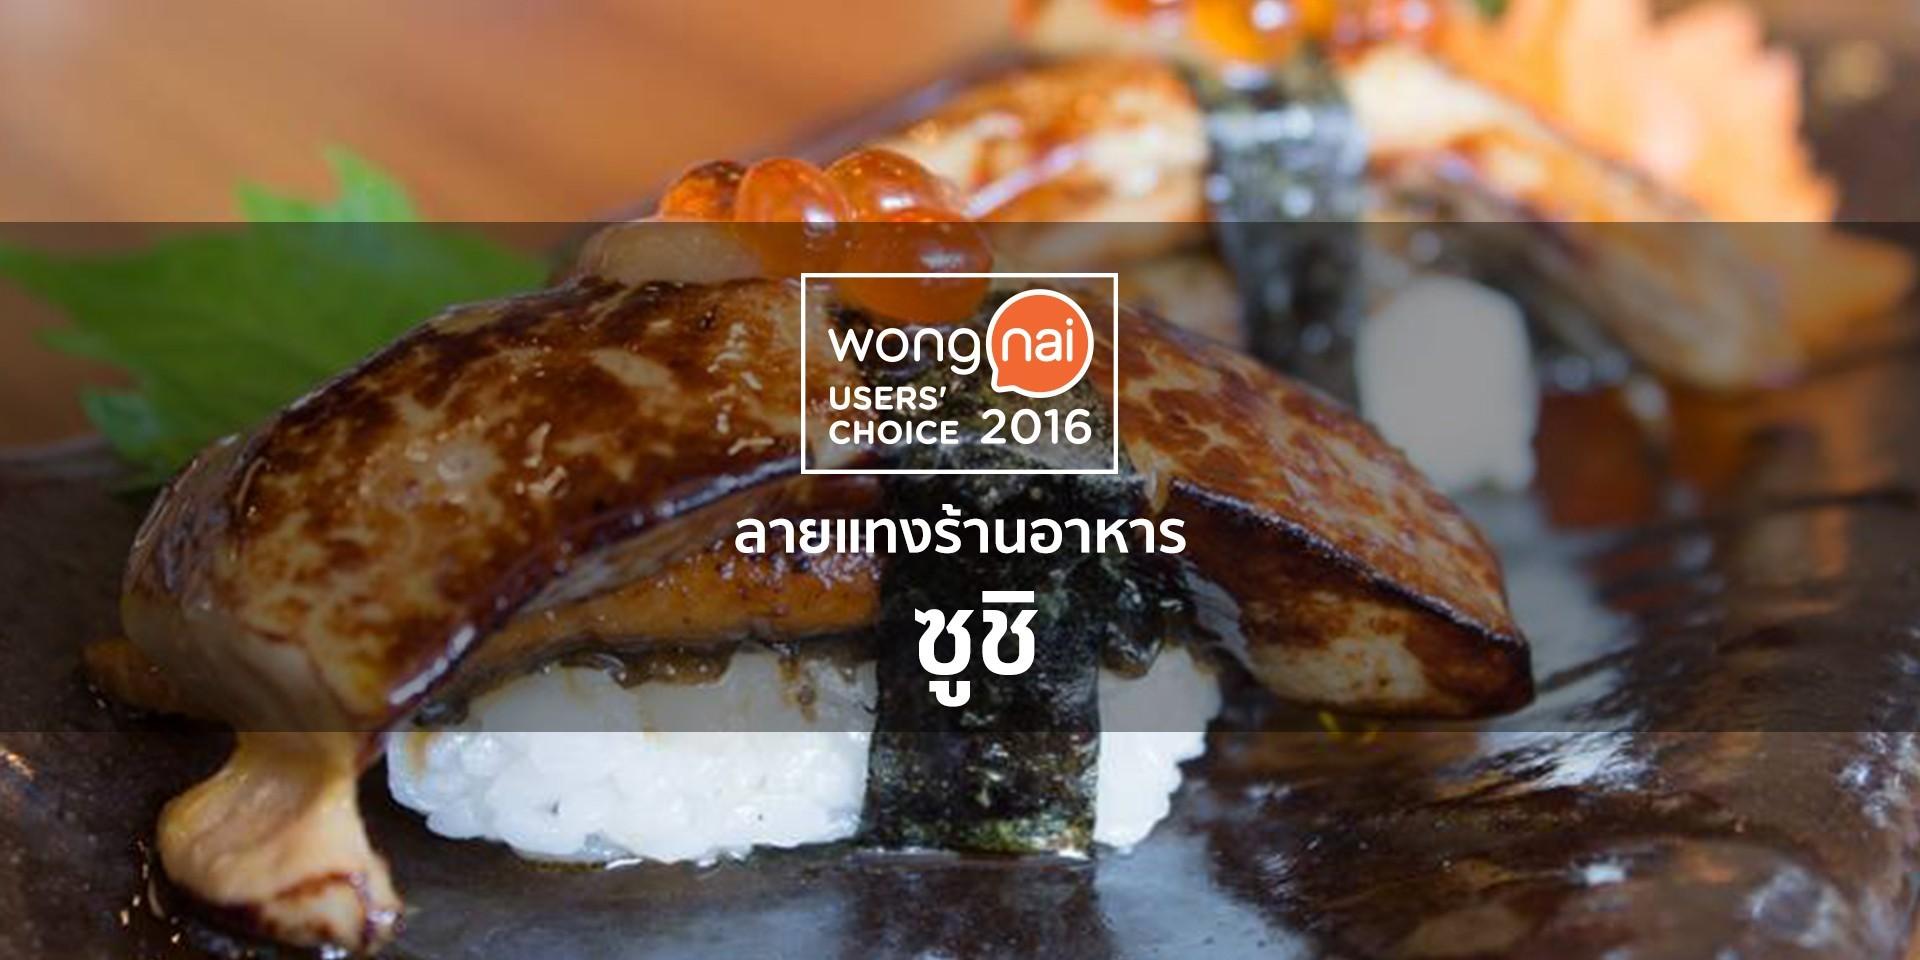 8 ร้านซูชิยอดนิยมในกรุงเทพฯ ยอดนิยมจาก Wongnai Users' Choice 2016